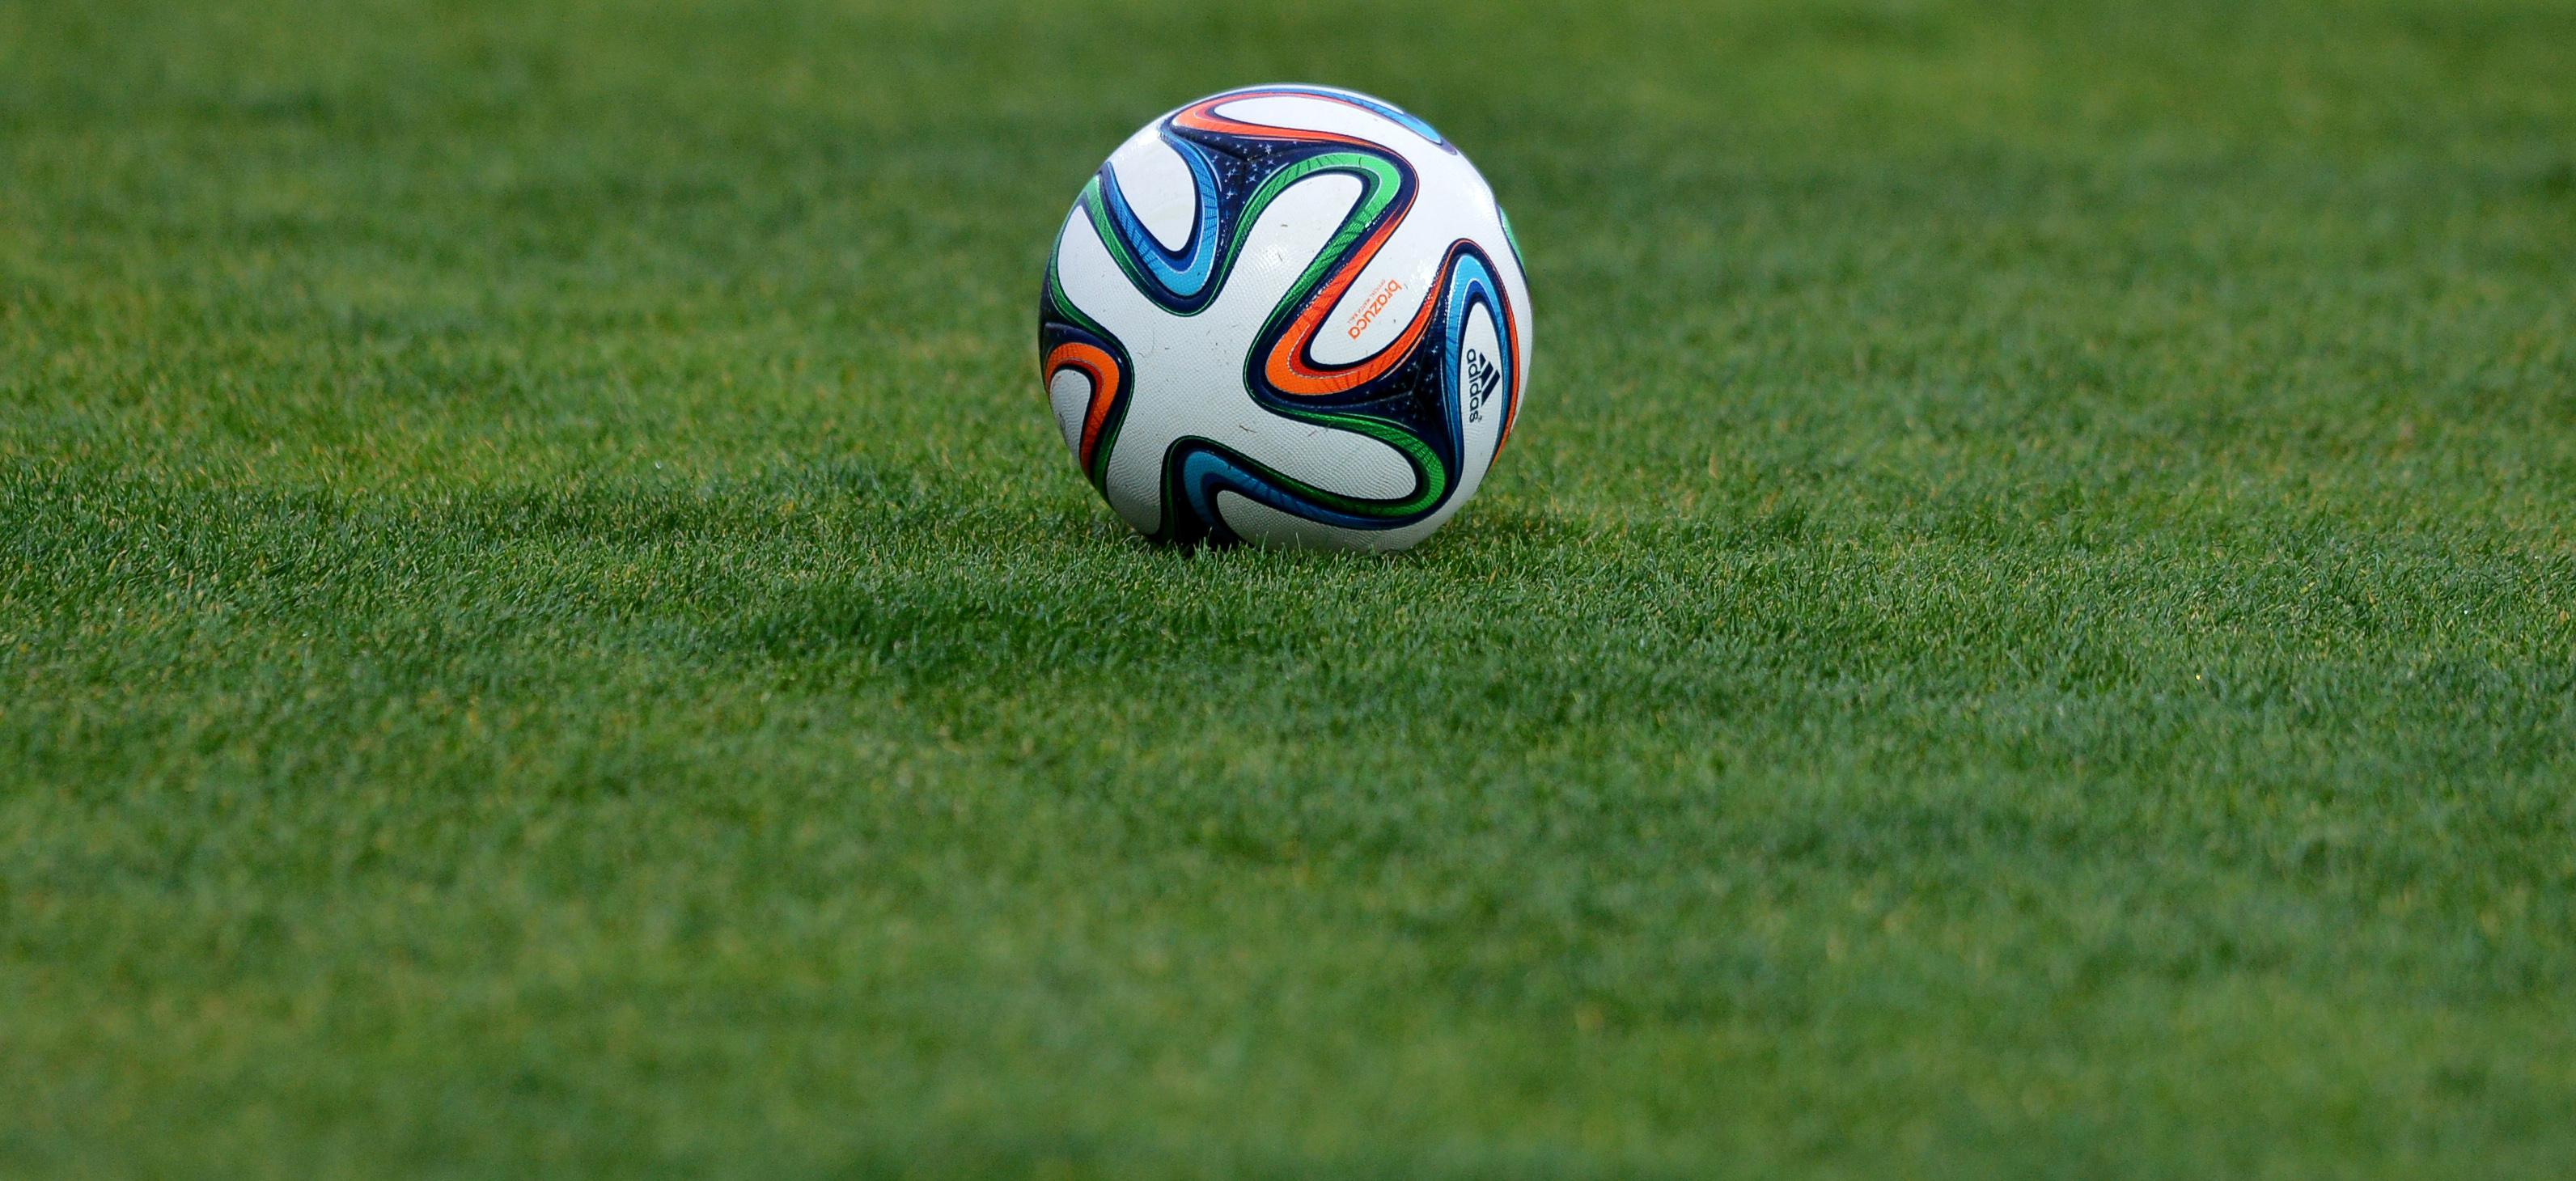 Weiterer neuer Fußball-Spielautomat im Online Casino